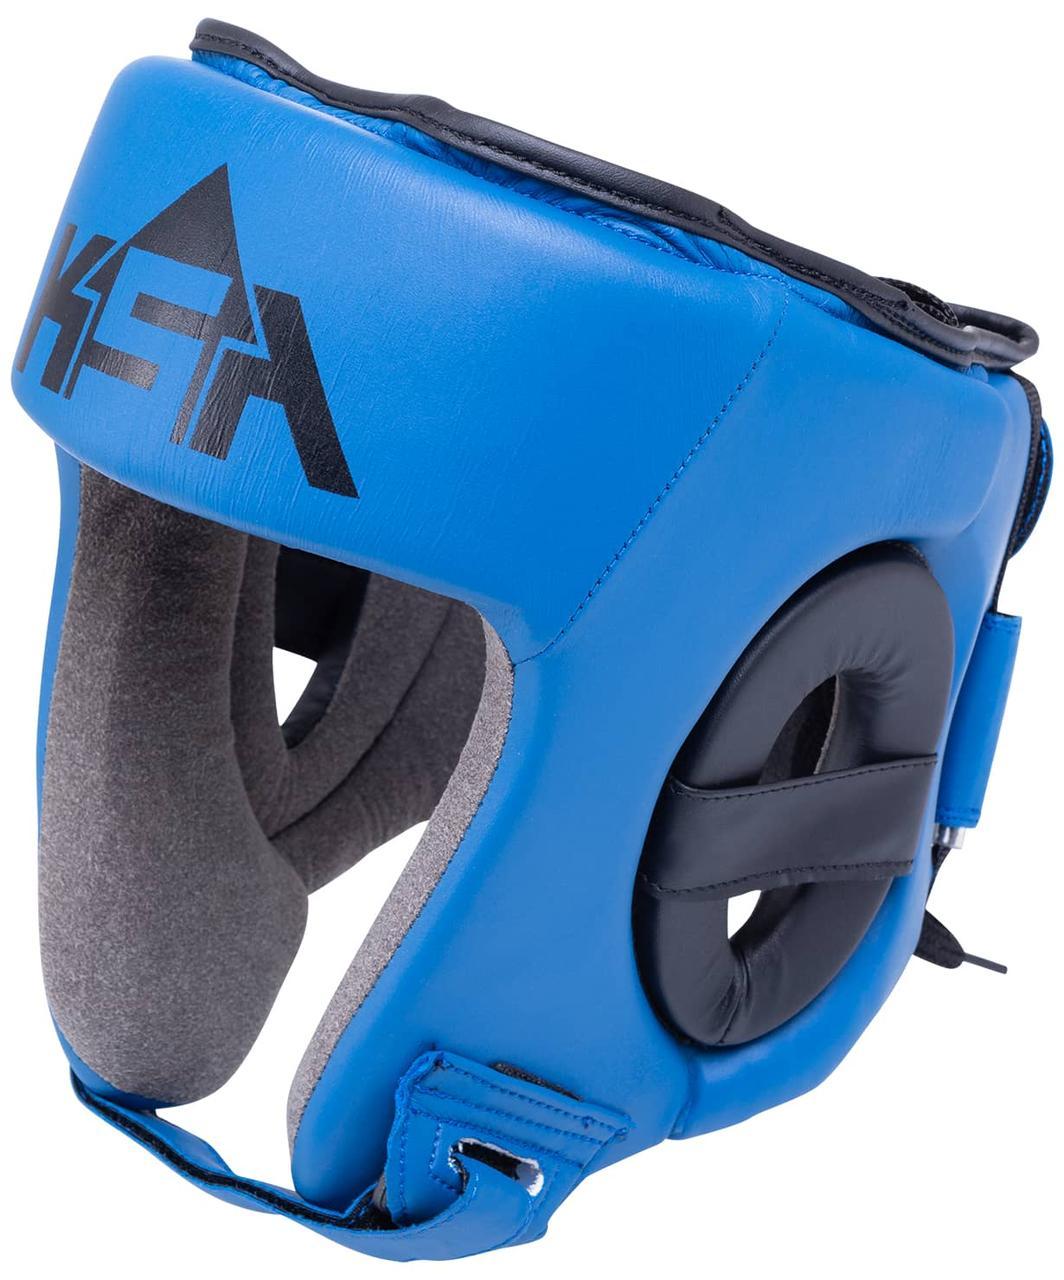 Шлем открытый Champ Blue, M KSA